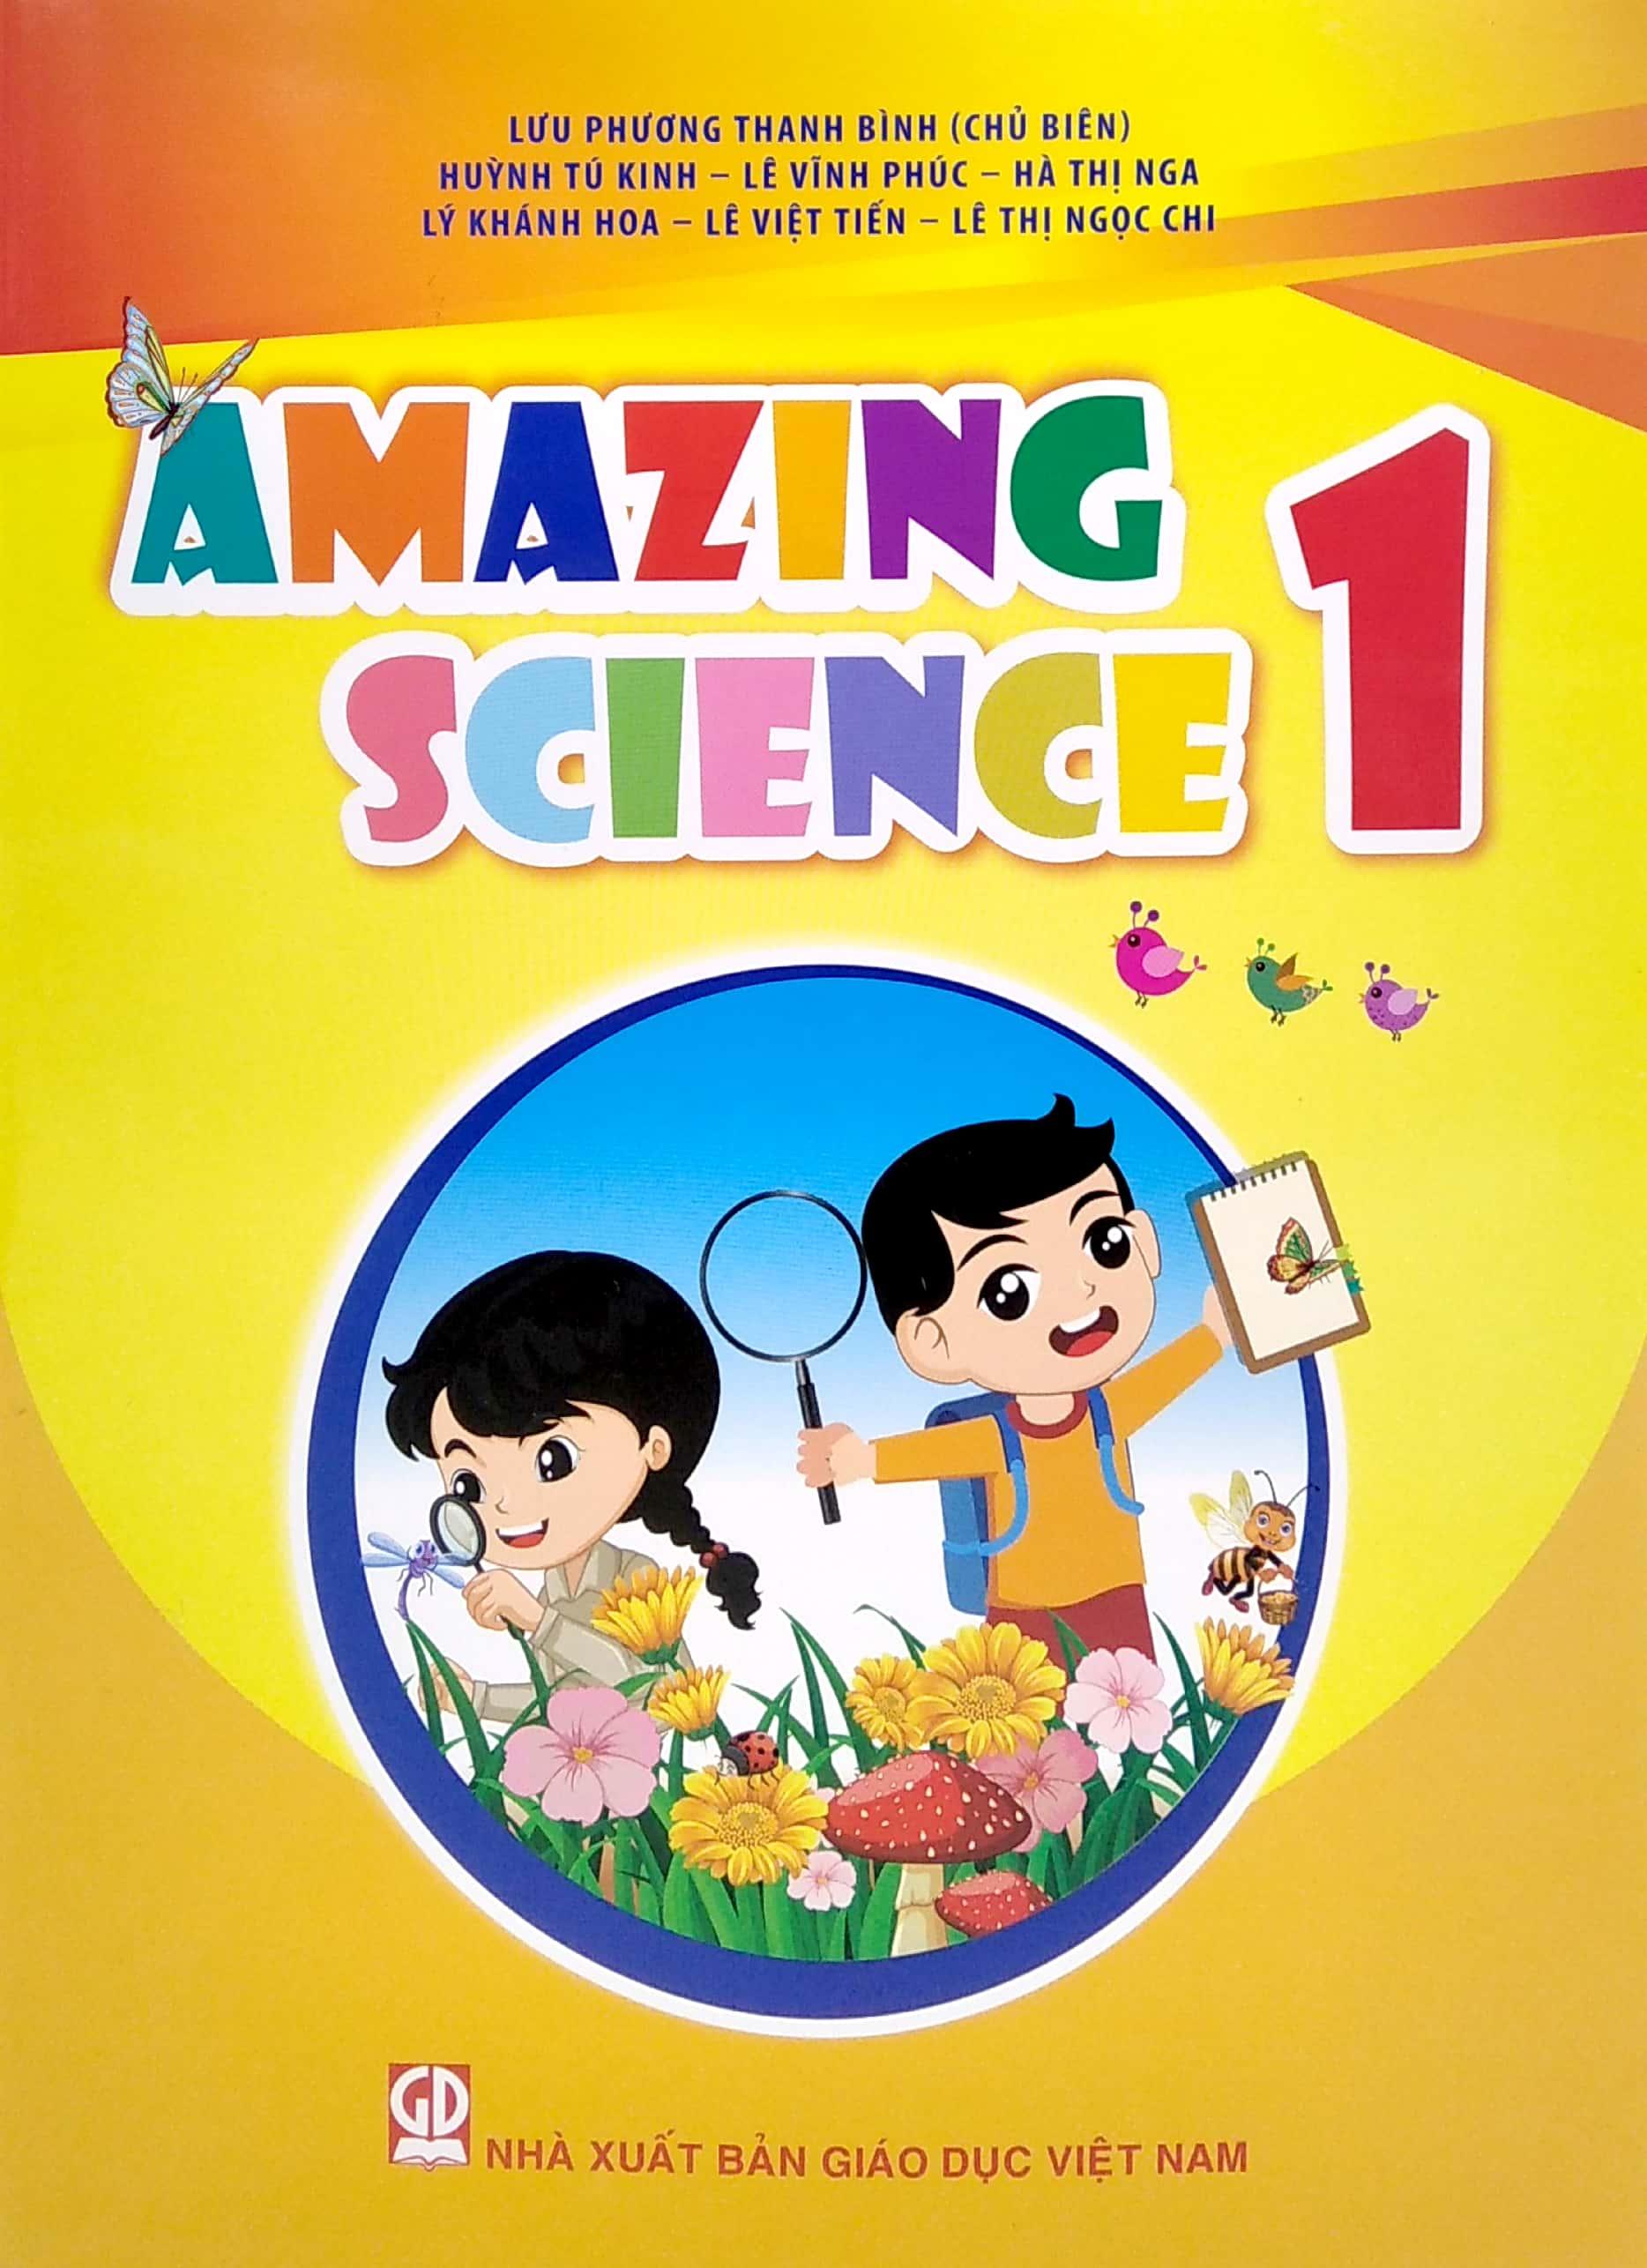 Sách Amazing Science 1 - FAHASA.COM